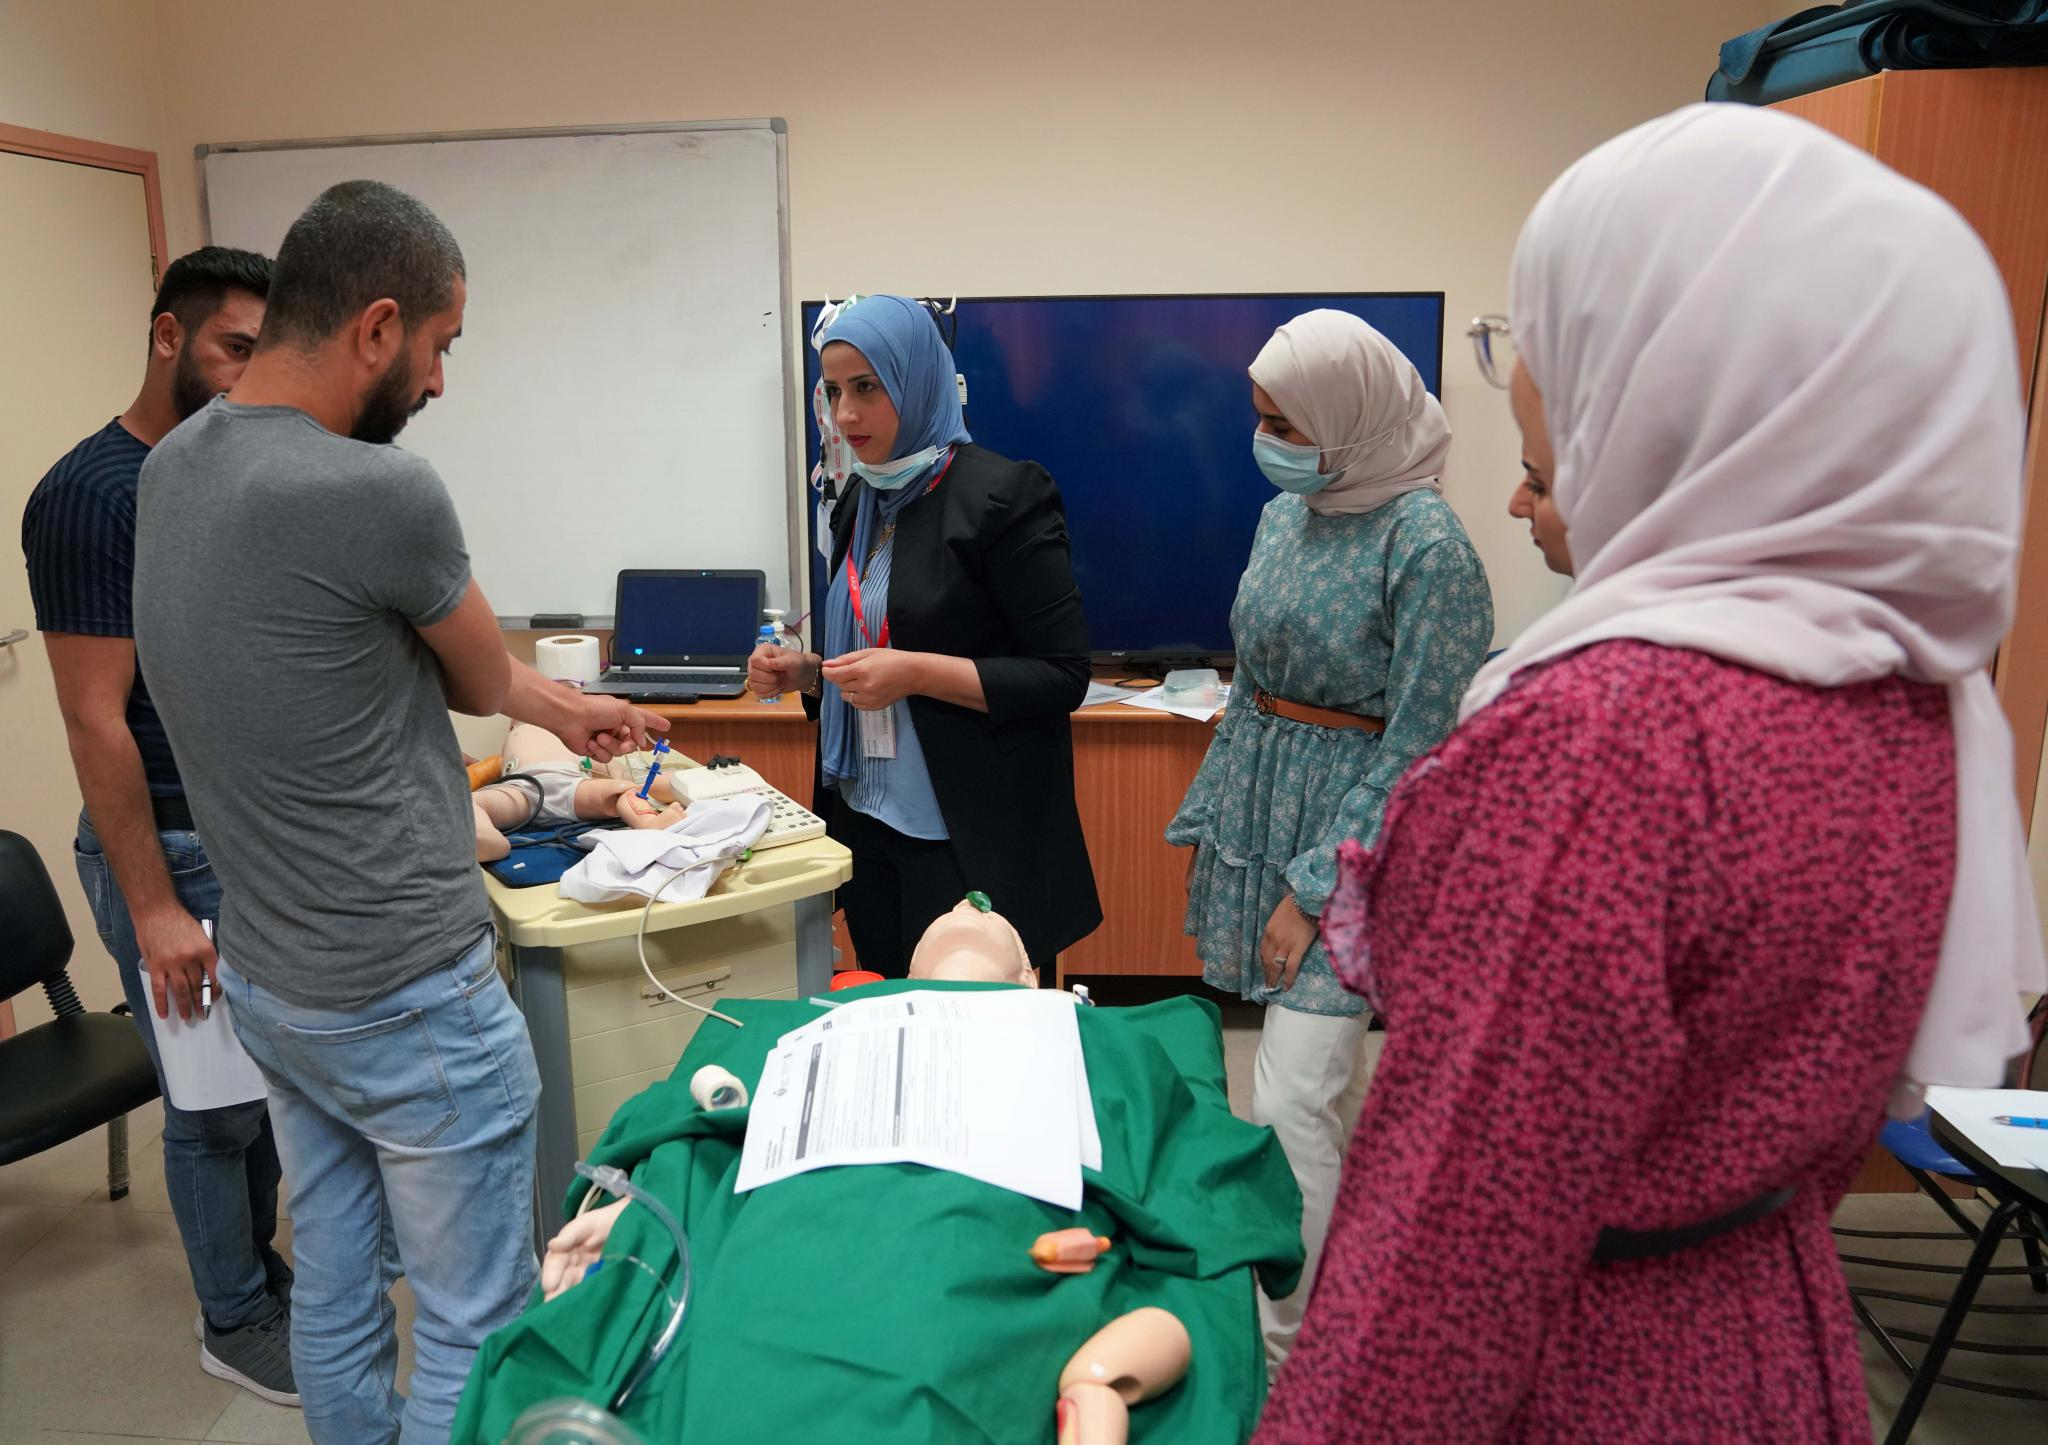 مركز القلب في الجامعة يعقد دورة إنعاش قلب متقدمة للأطفال لكادر طبي وصحي من مستشفى النجاح الوطني الجامعي